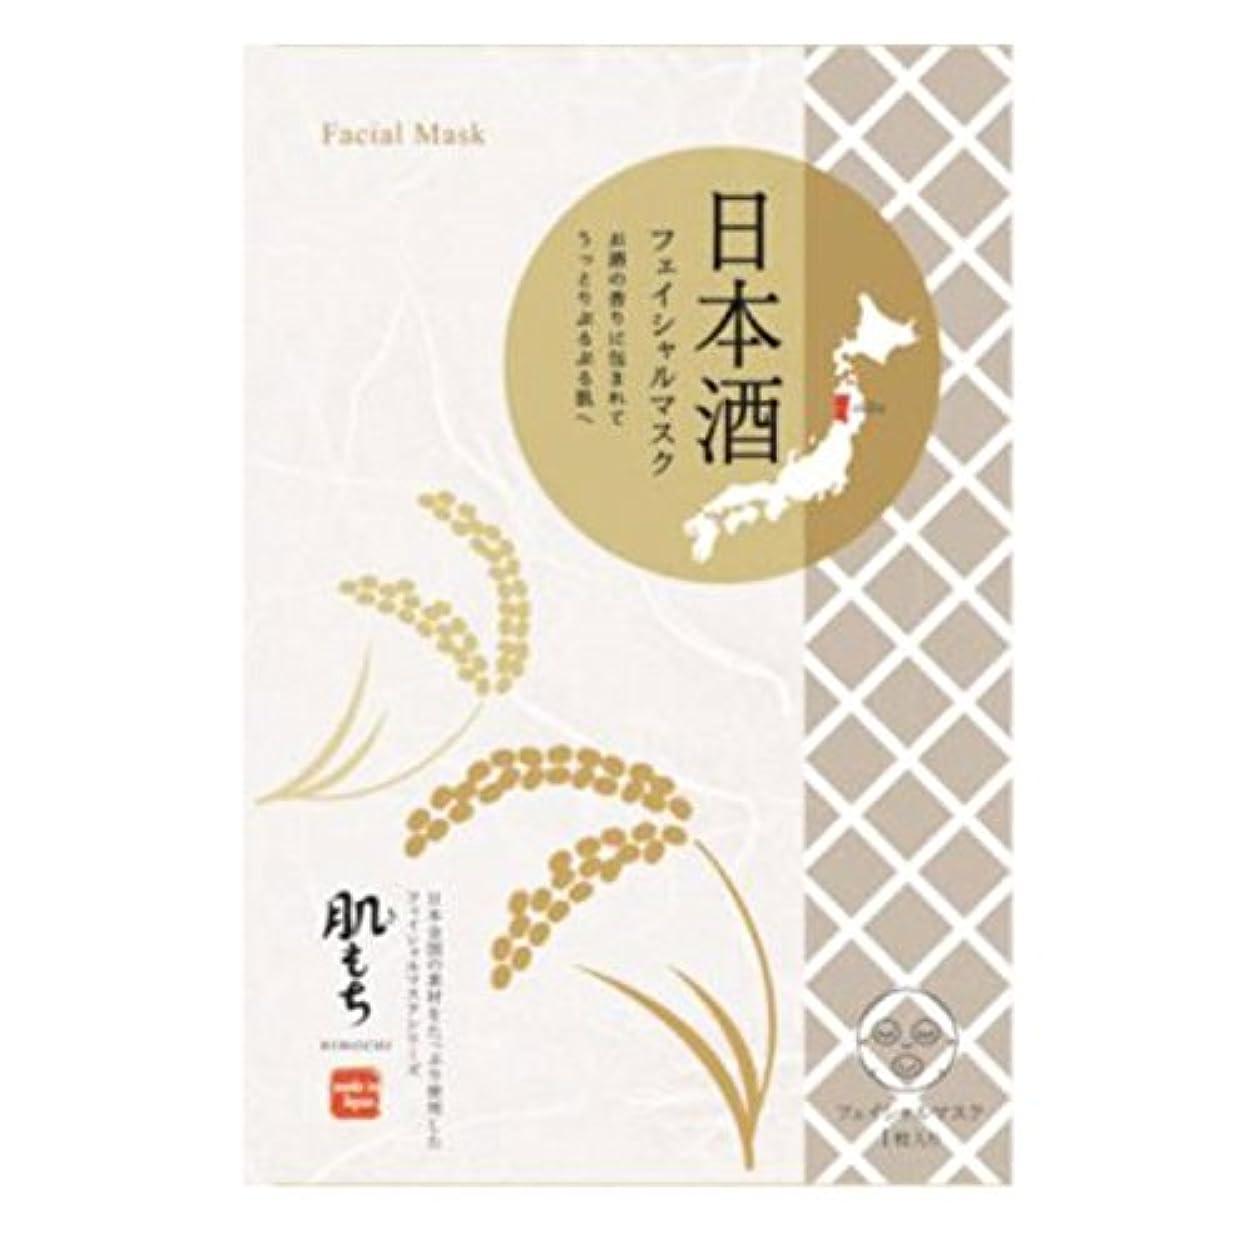 専門知識ロマンチックスロベニア肌もち(きもち) フェイシャルマスク 日本酒(1枚20ml) 5枚セット